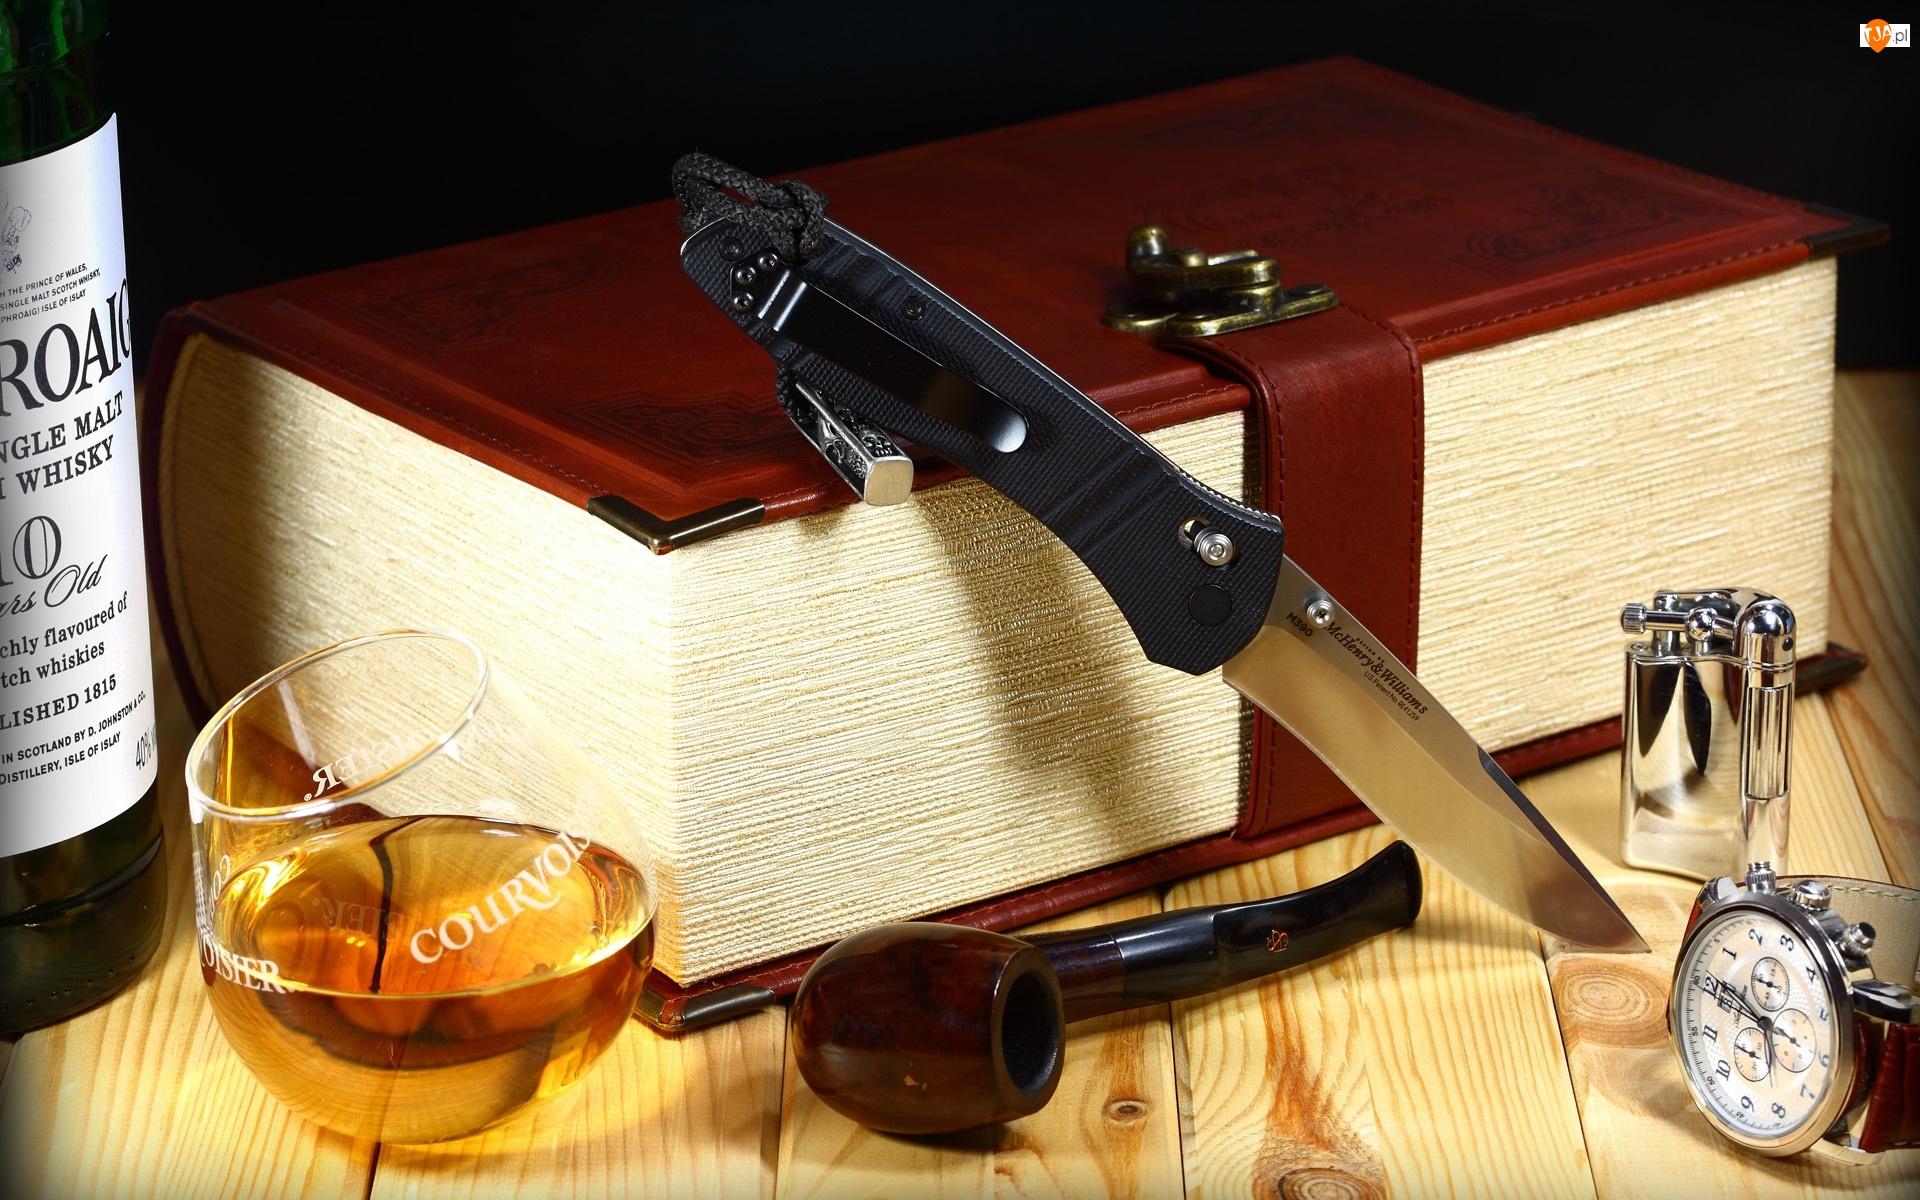 Nóż, Whisky, Księga, Szklaneczka, Fajka